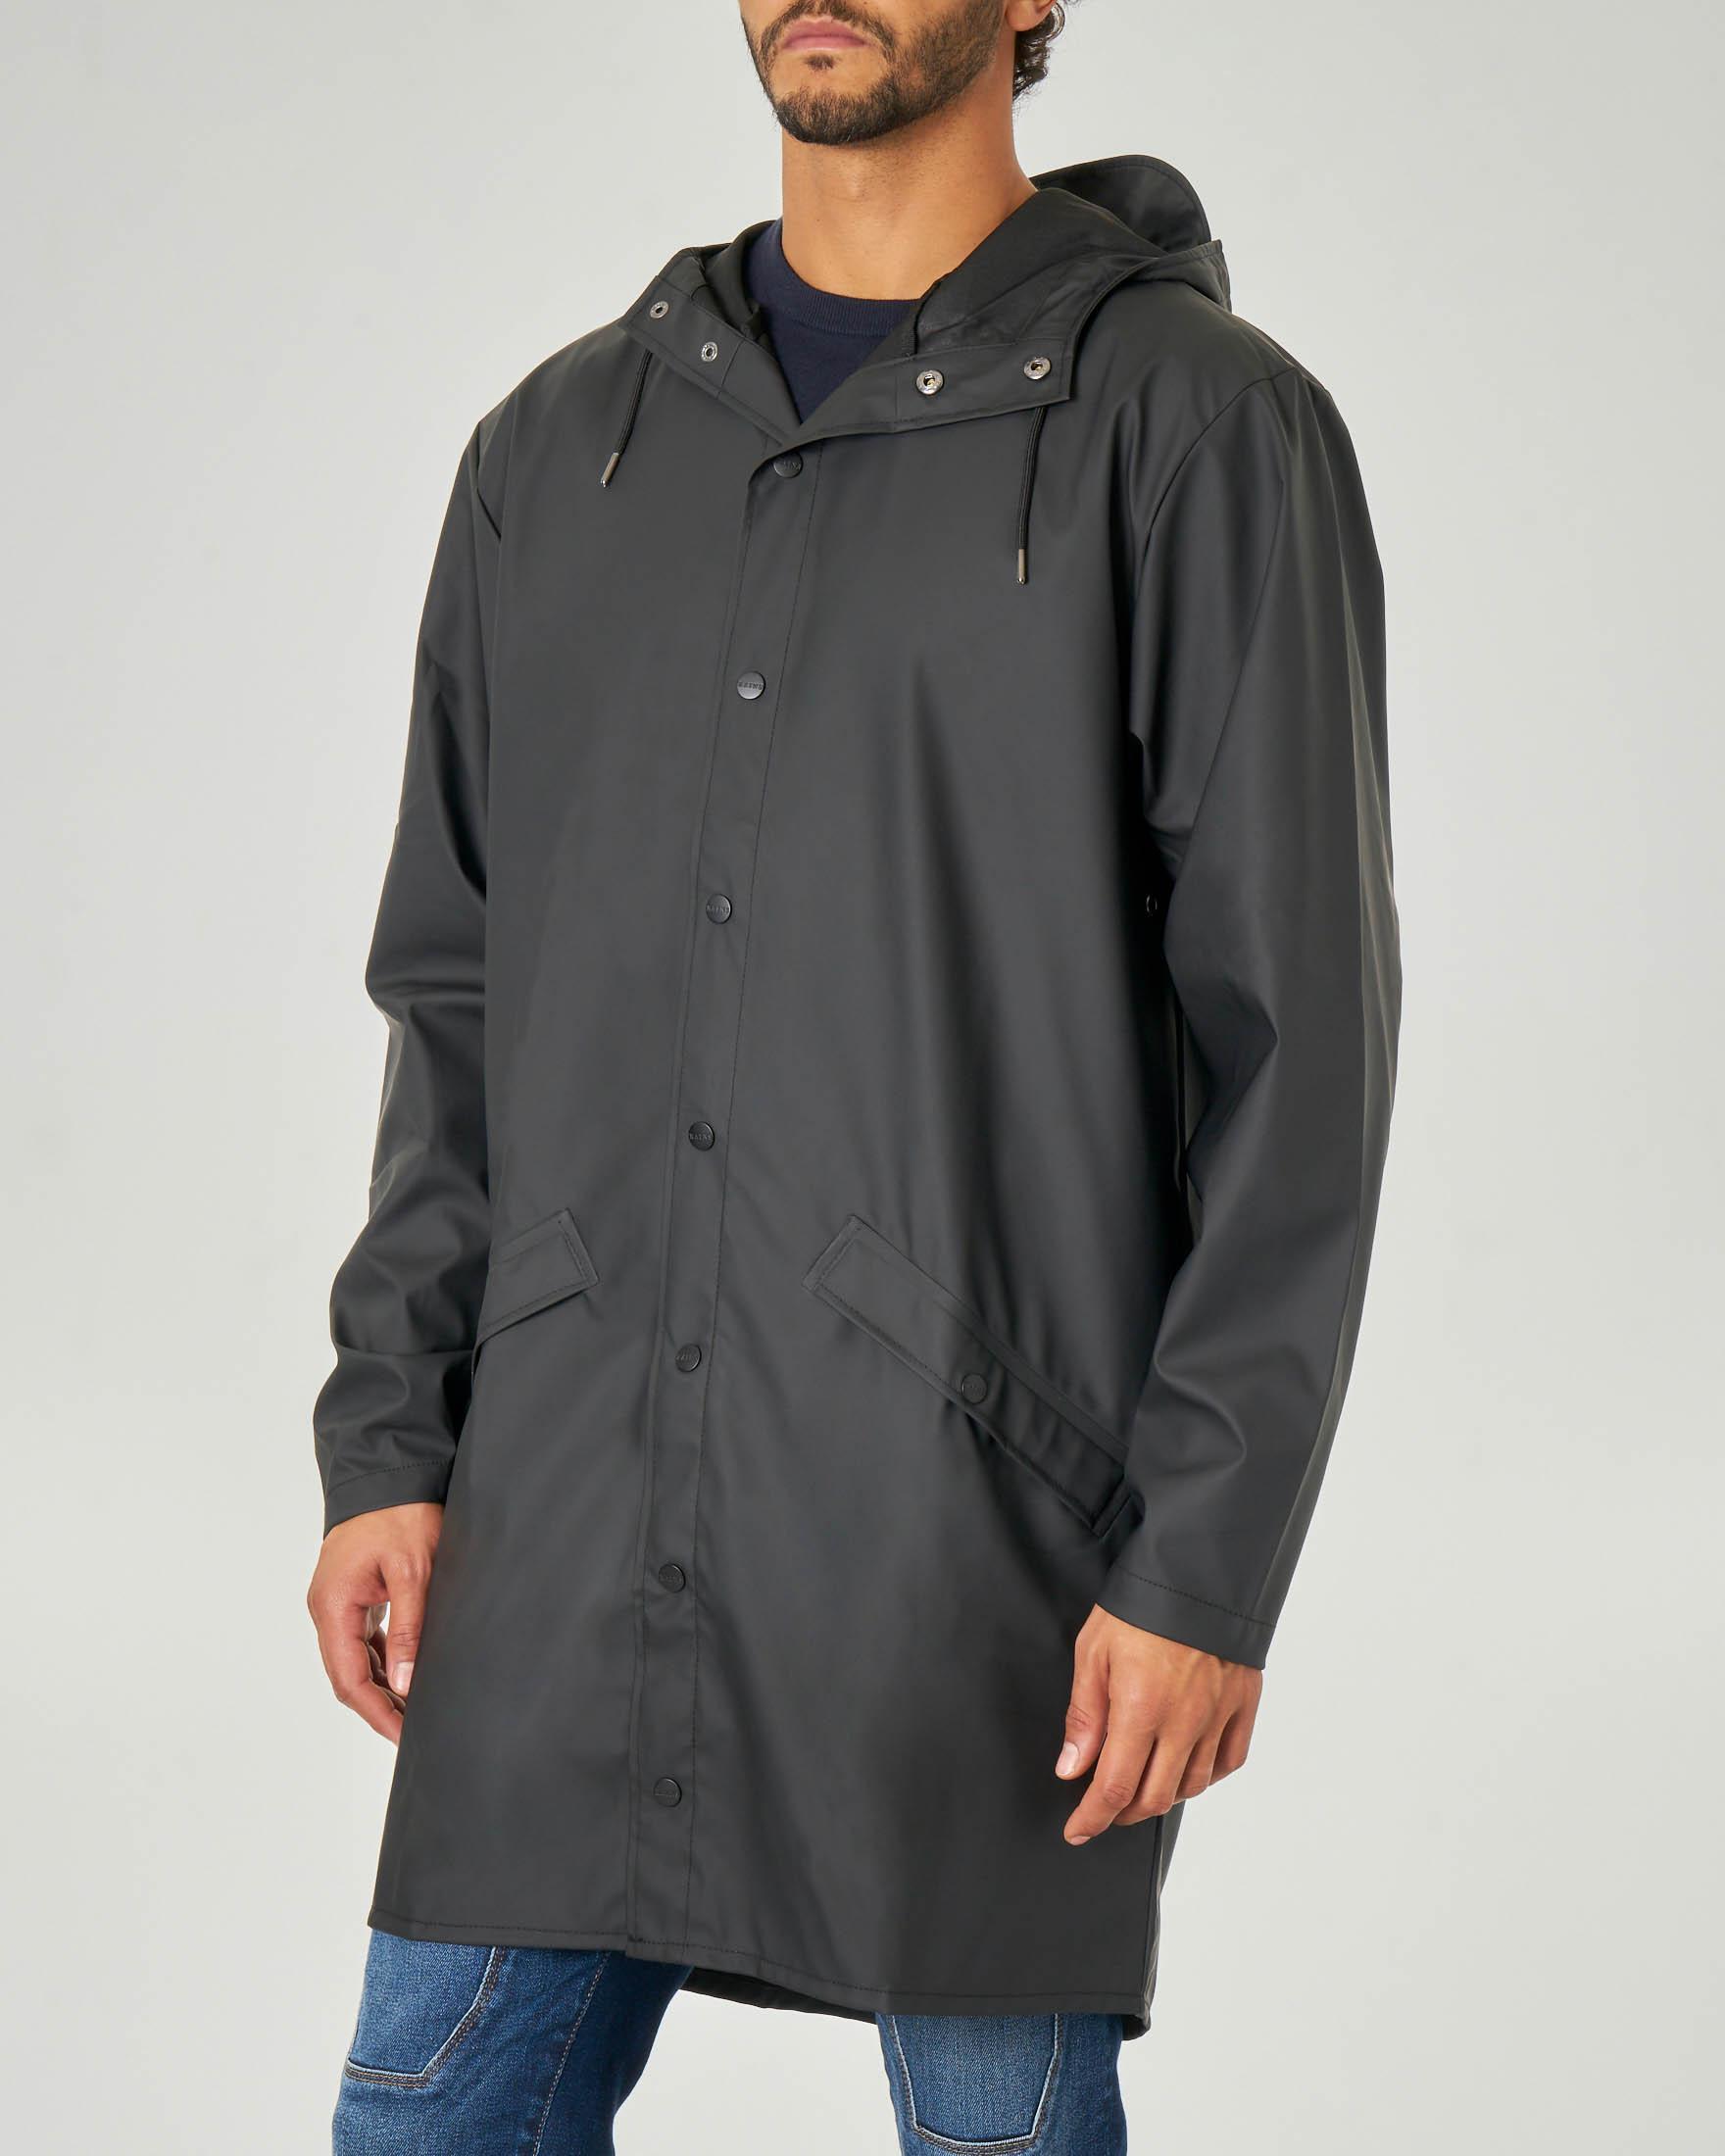 Impermeabile Long Jacket nero